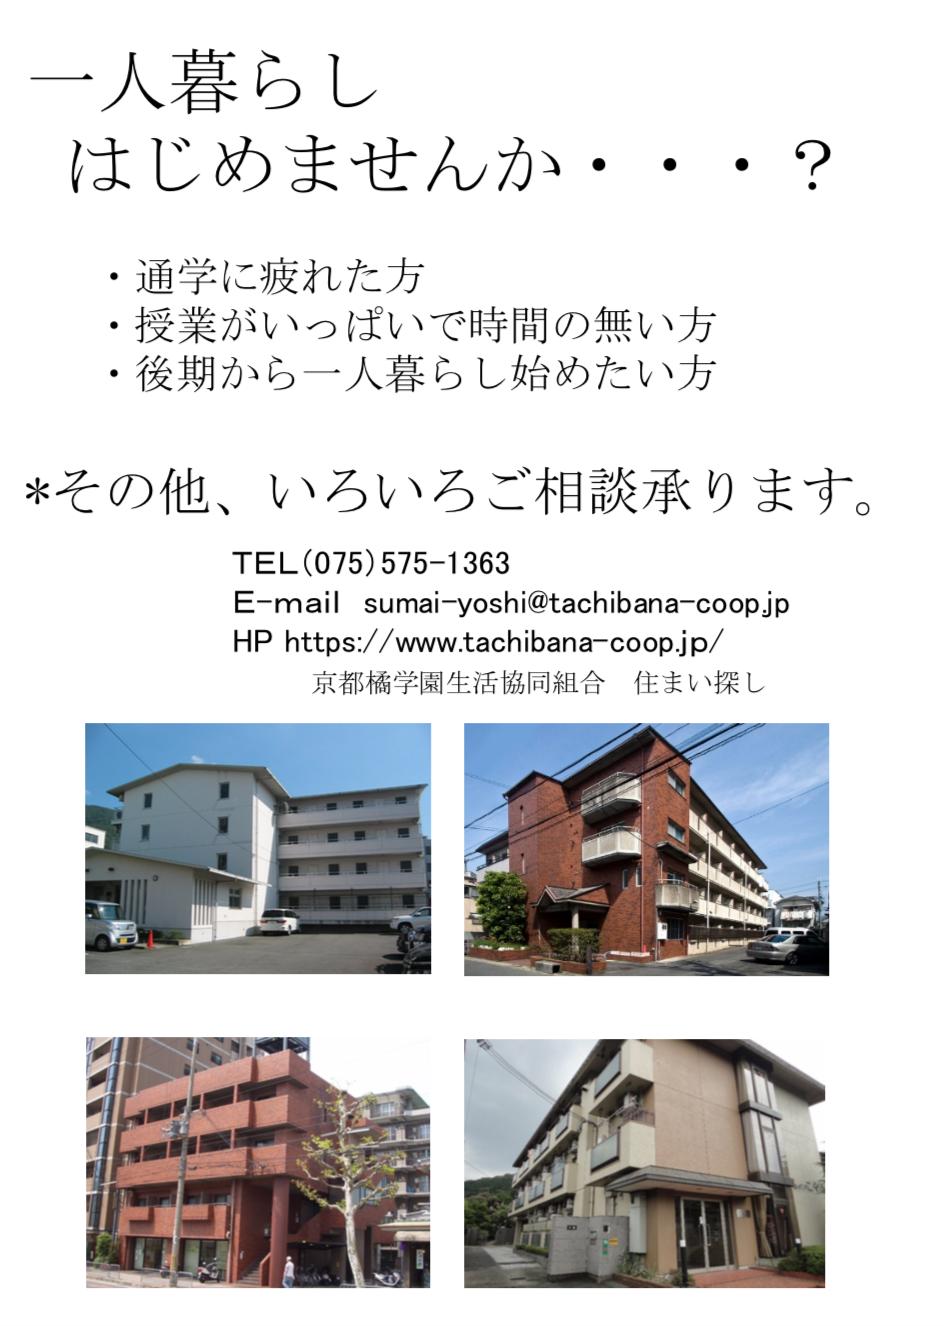 スクリーンショット 2019-08-06 15.54.50.png